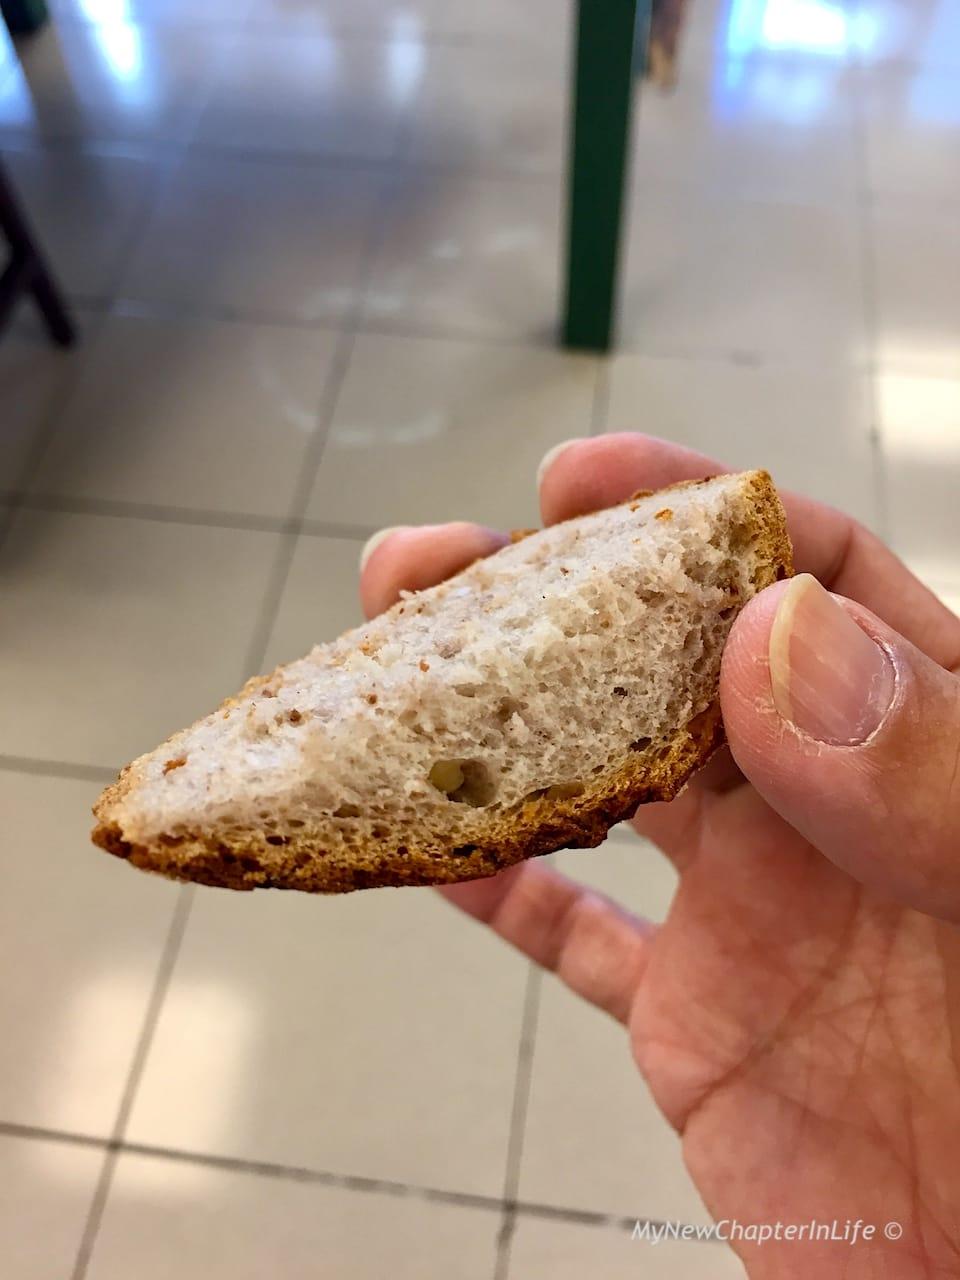 老闆娘阿段請我試吃的裸麥玫瑰酸種麥包